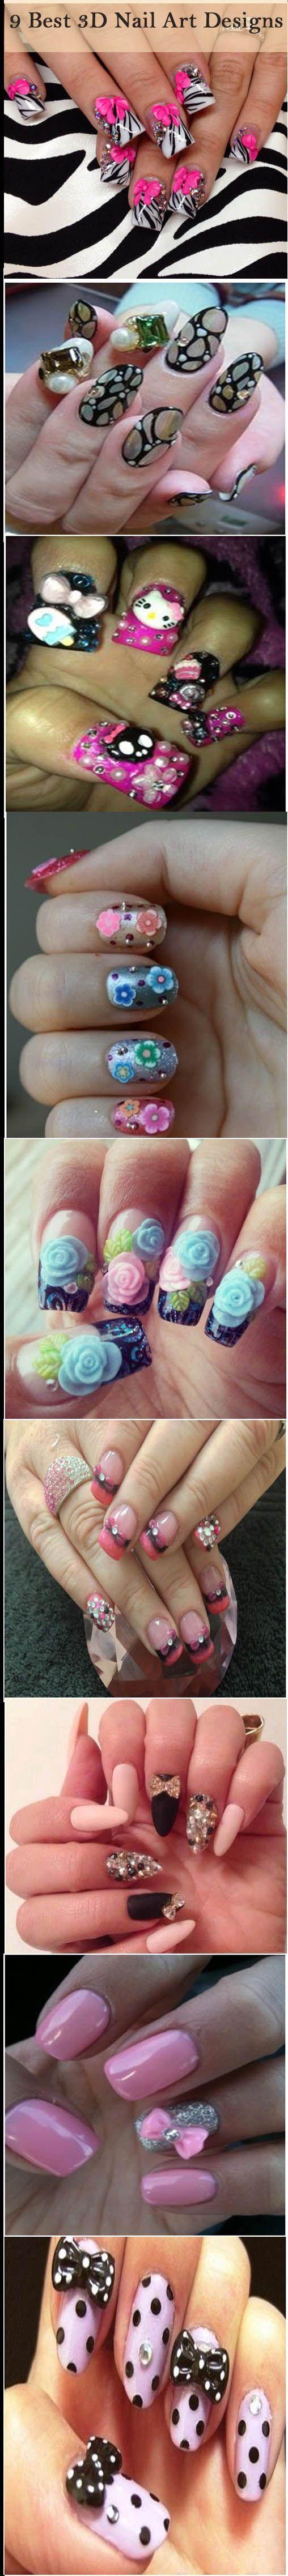 105 besten Nails Bilder auf Pinterest | Frisuren, Nagelkunst und ...